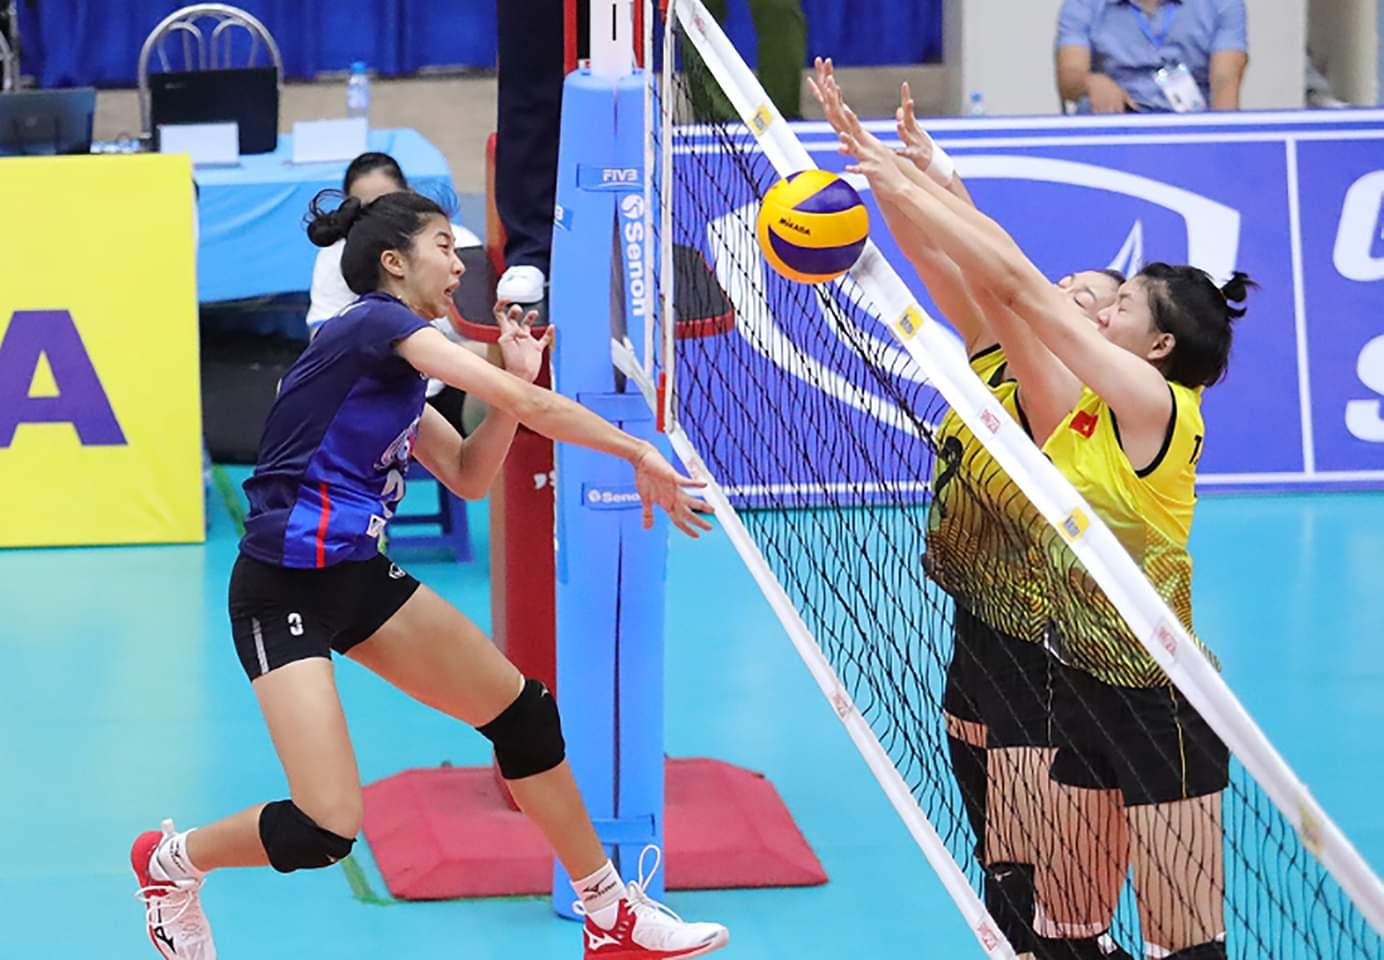 ลูกยางสาวไทย U23 พ่าย เวียดนาม จบที่ 4 ศึกเอเชีย